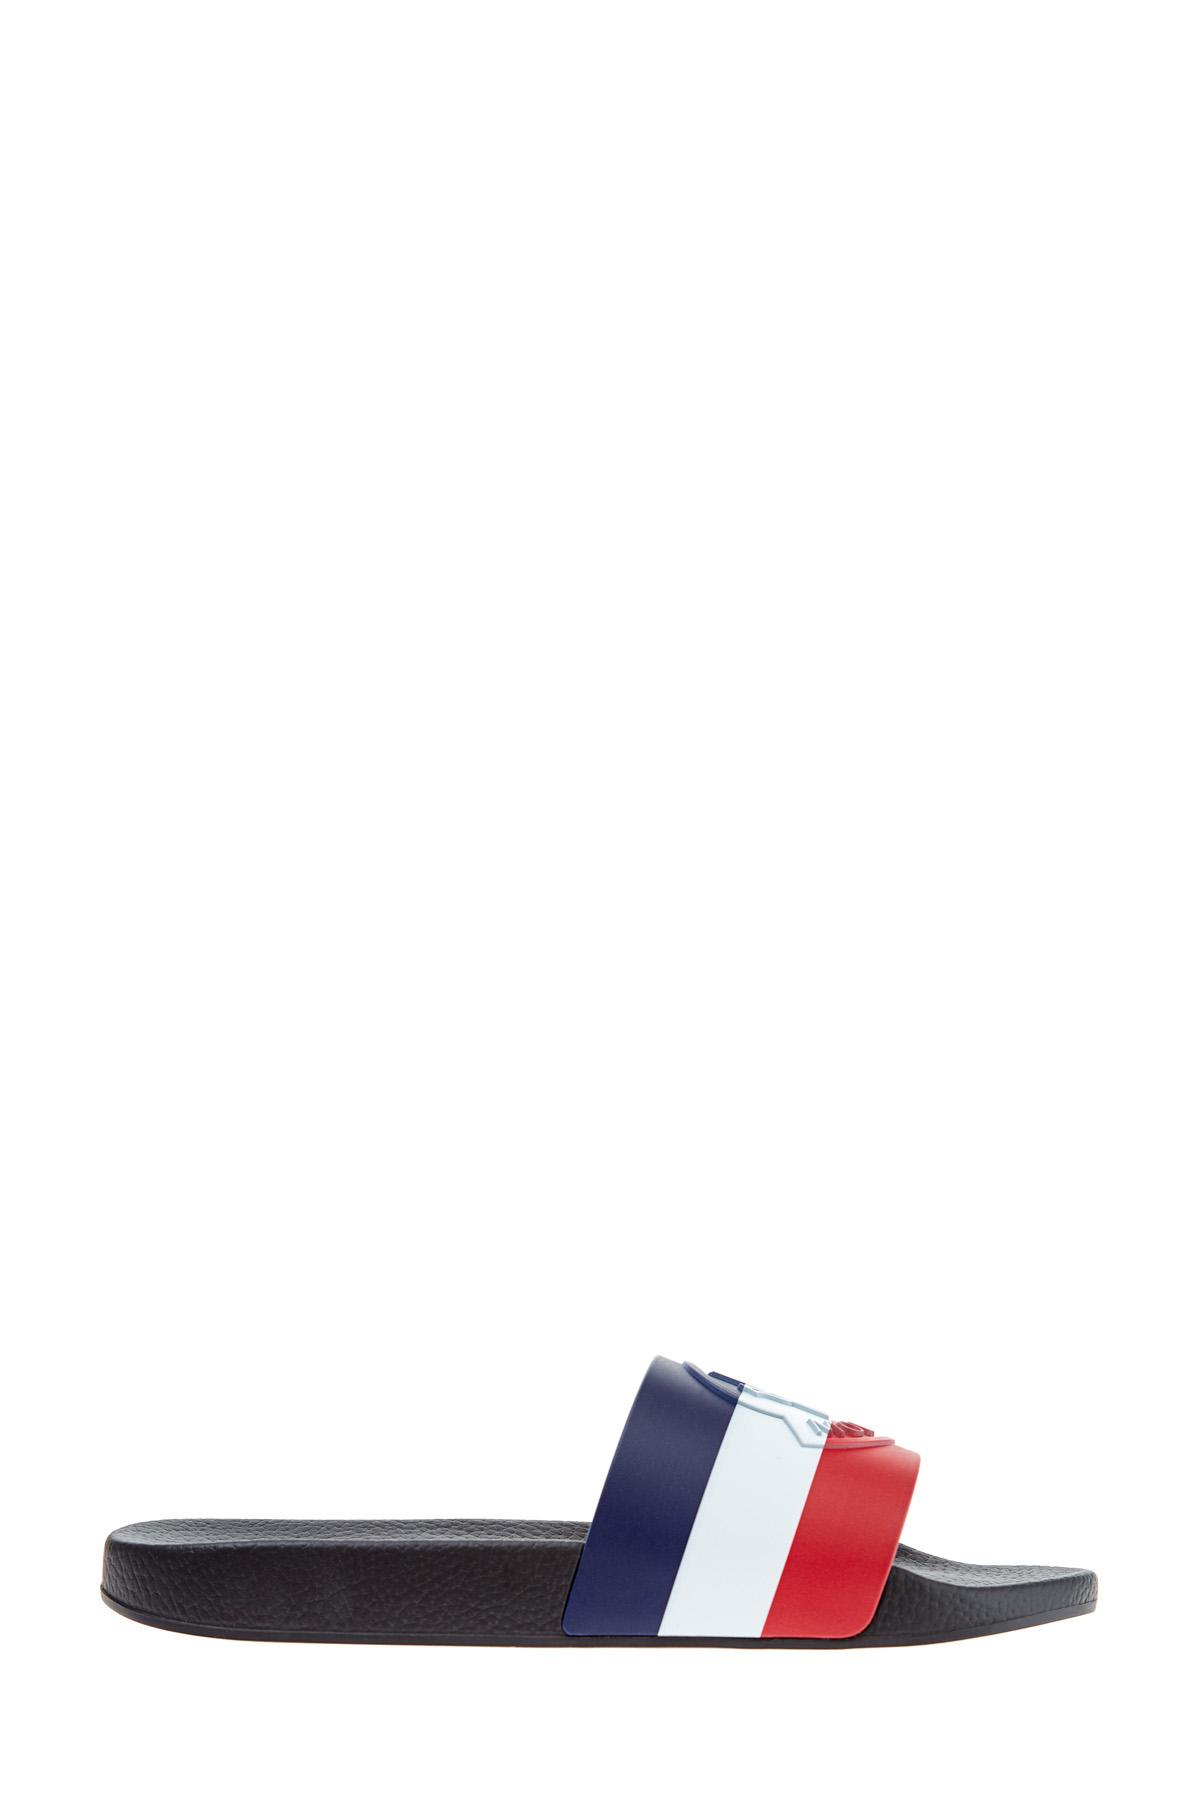 Купить со скидкой Шлепанцы в фирменной трехцветной гамме с рельефным логотипом